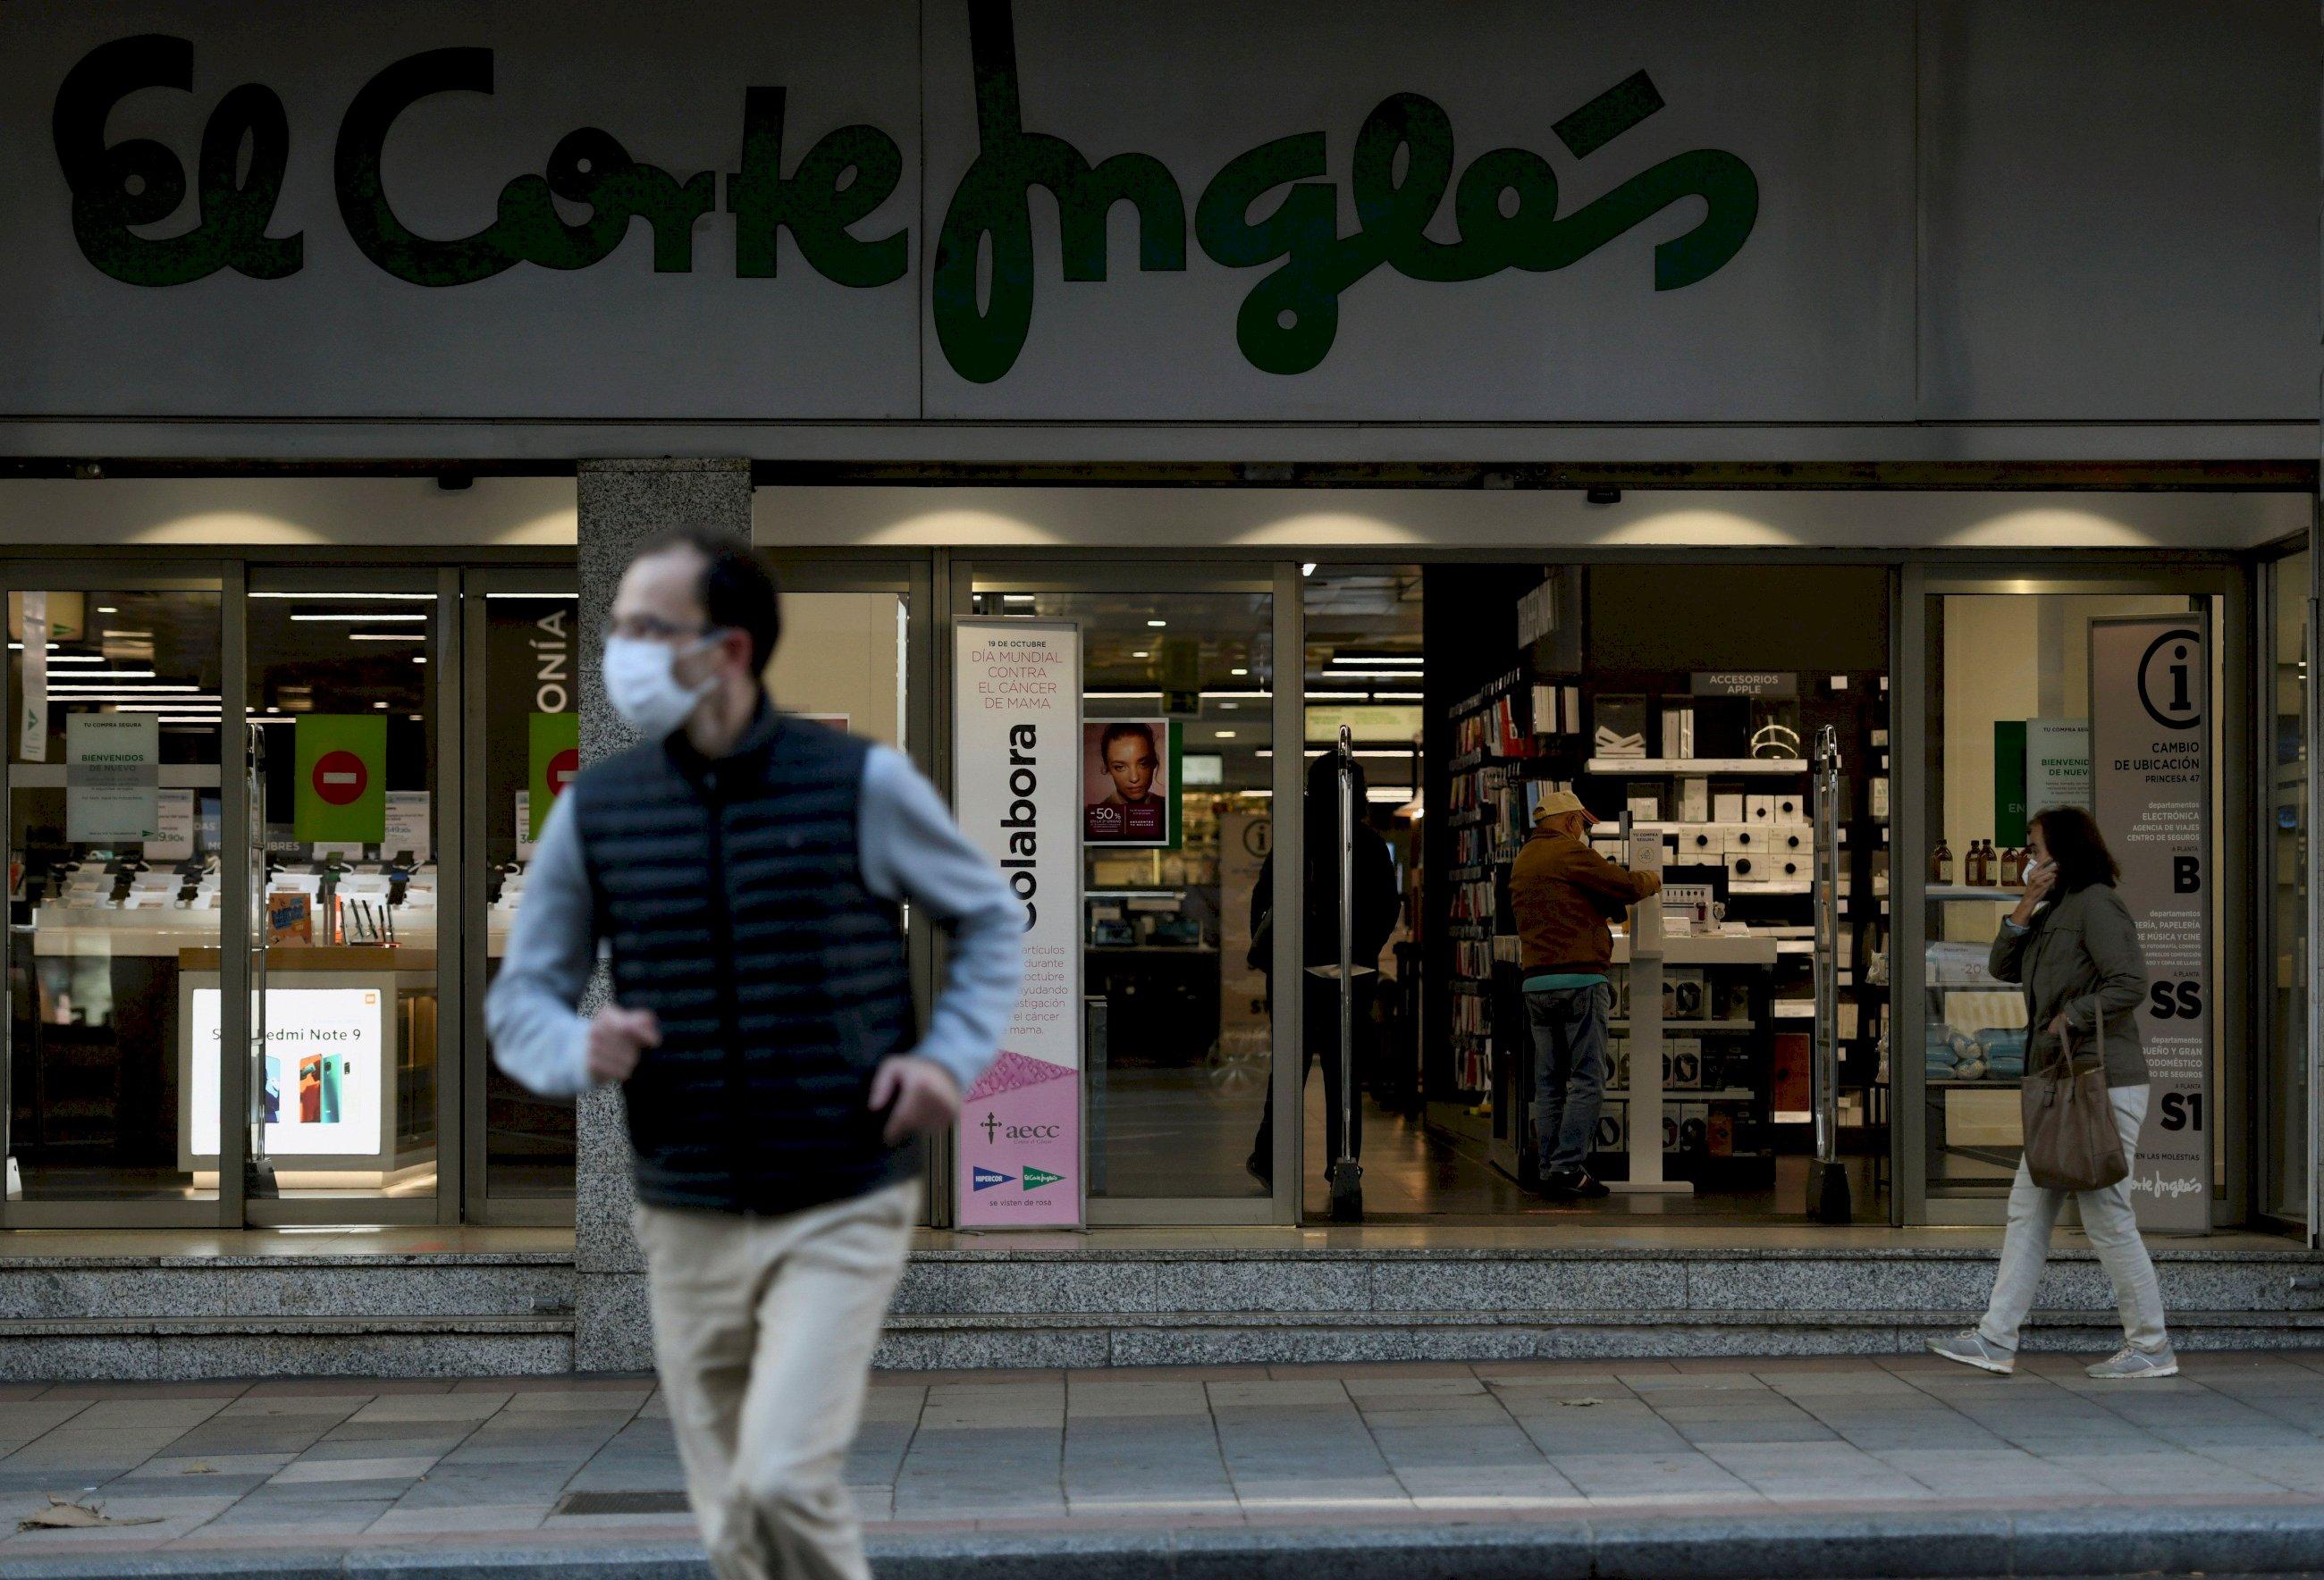 Clientes acceden a El Corte Inglés de la calle Princesa, en Madrid, durante la crisis sanitaria del coronavirus. EFE/Víctor Lerena